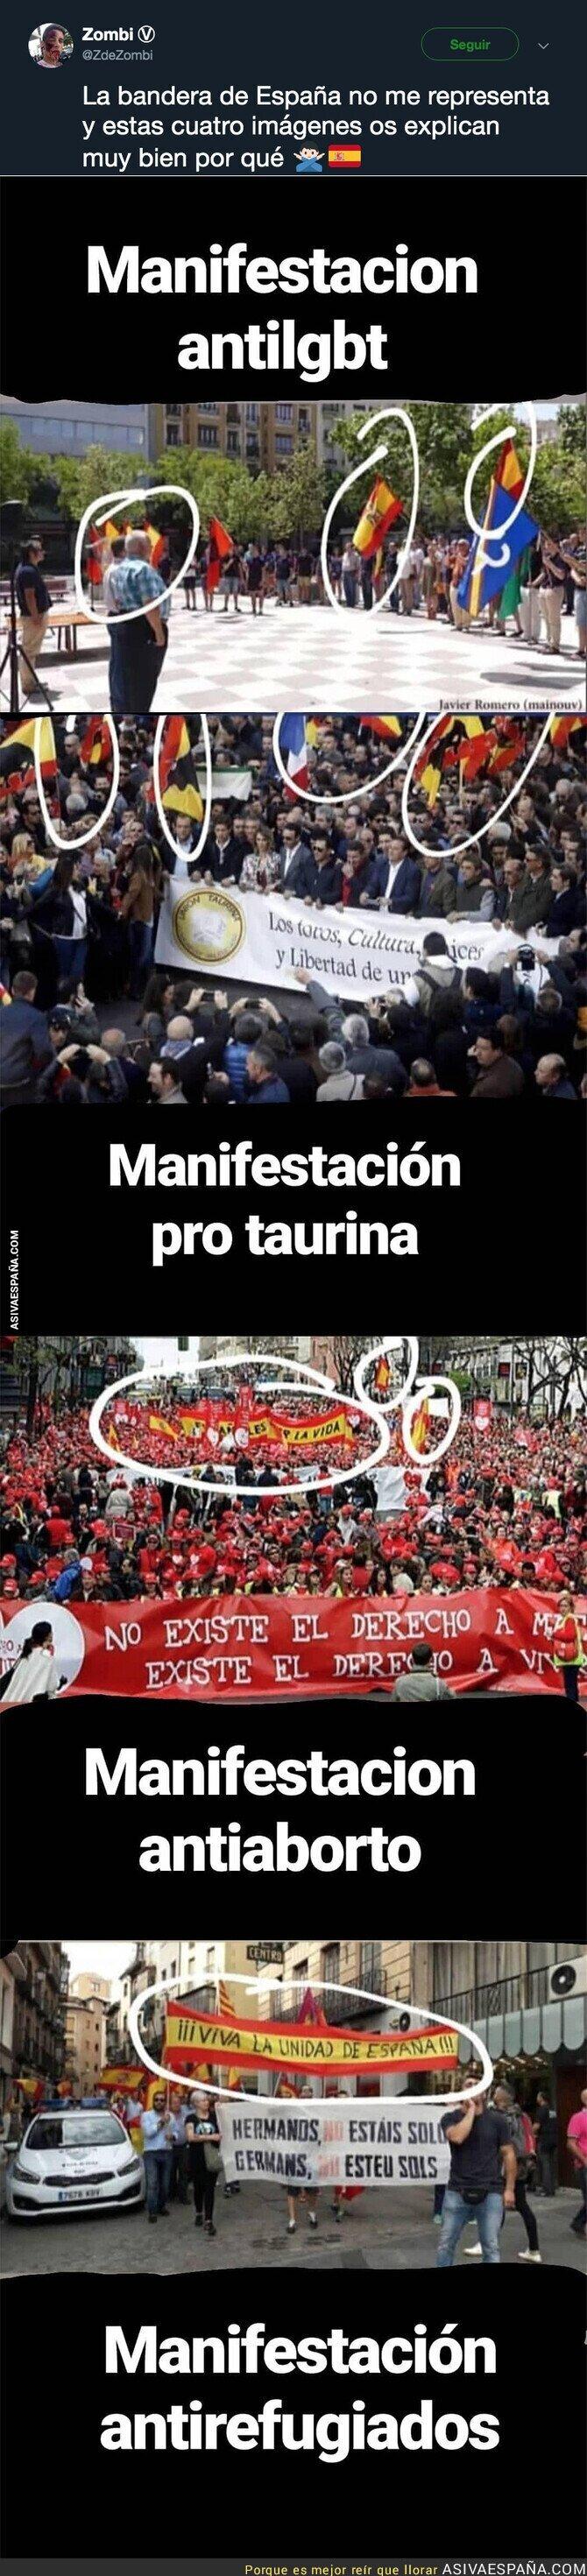 115571 - La bandera española no representa a todo el mundo